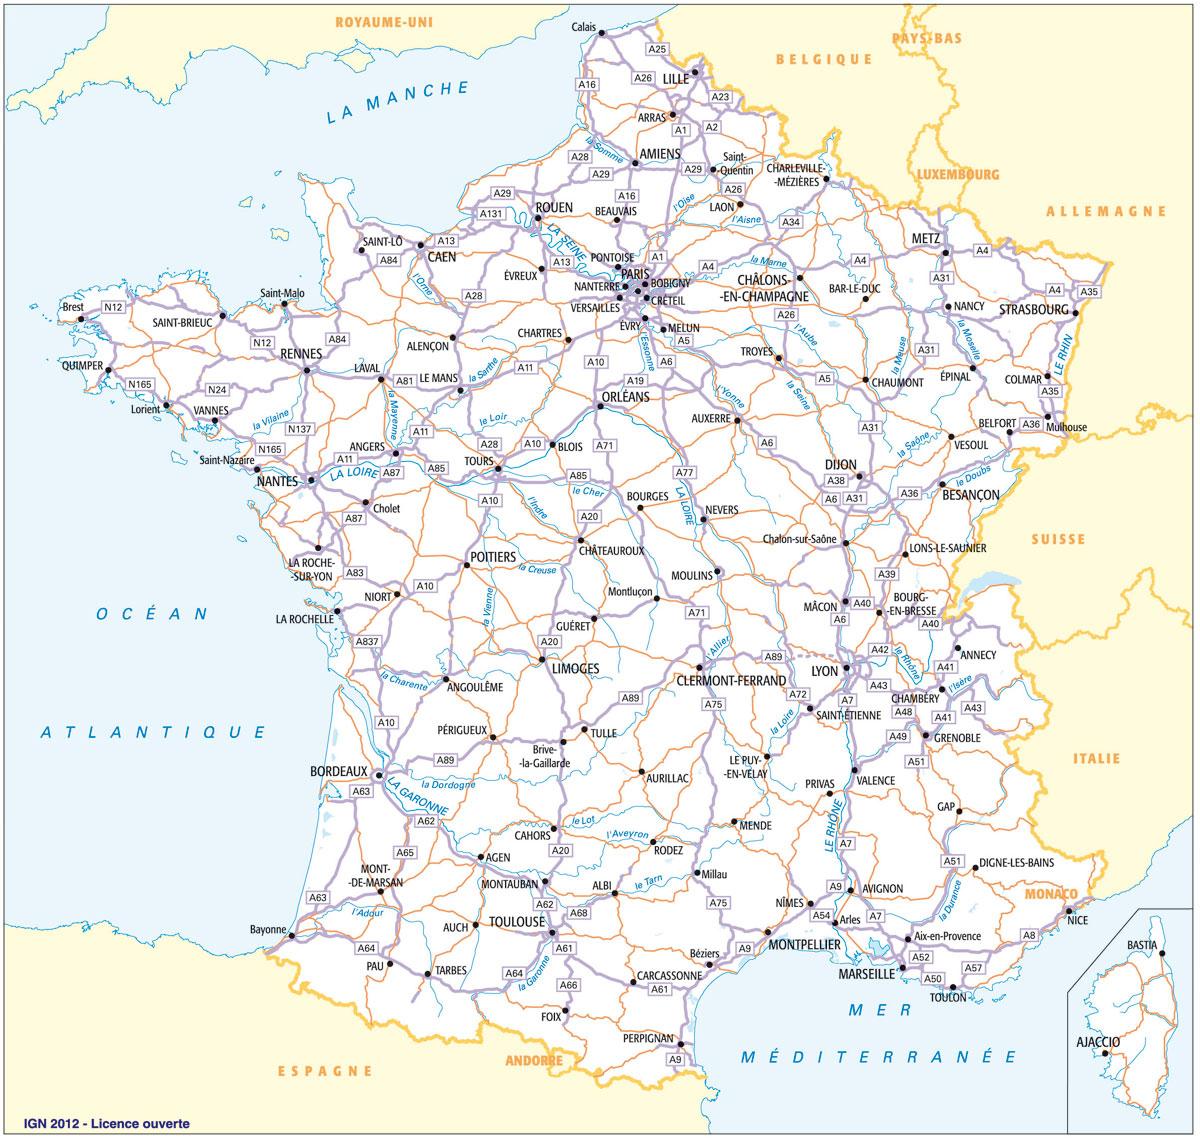 Calcul D'itineraire Routier - Carte Routière De France intérieur Carte De France Detaillée Gratuite